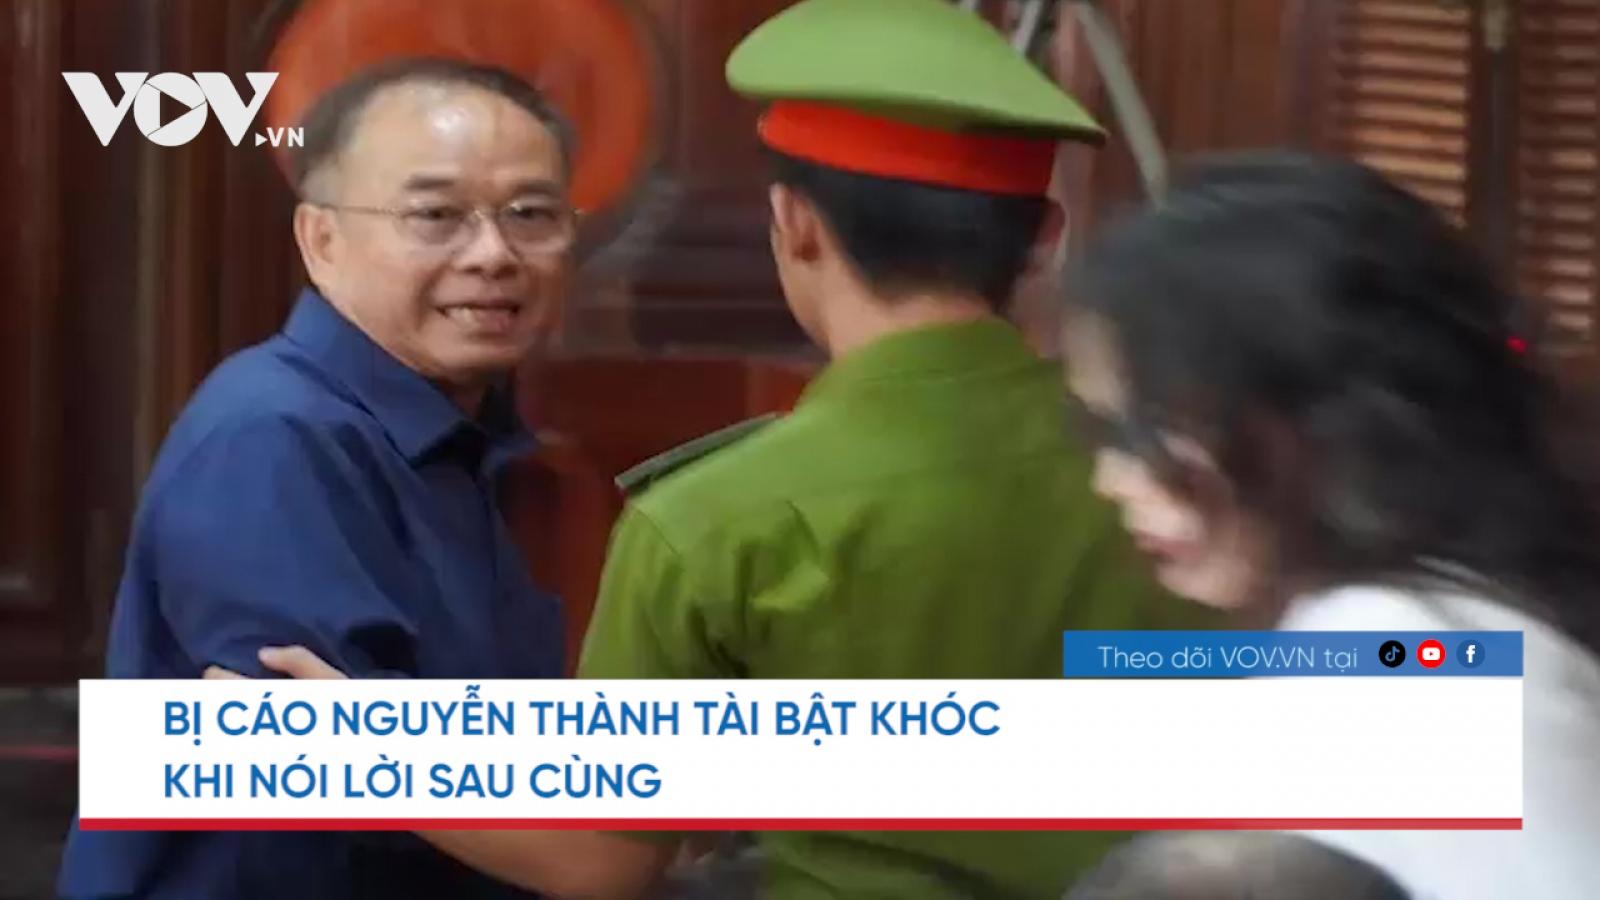 Nóng 24h: Bị cáo Nguyễn Thành Tài bật khóc khi nói lời sau cùng